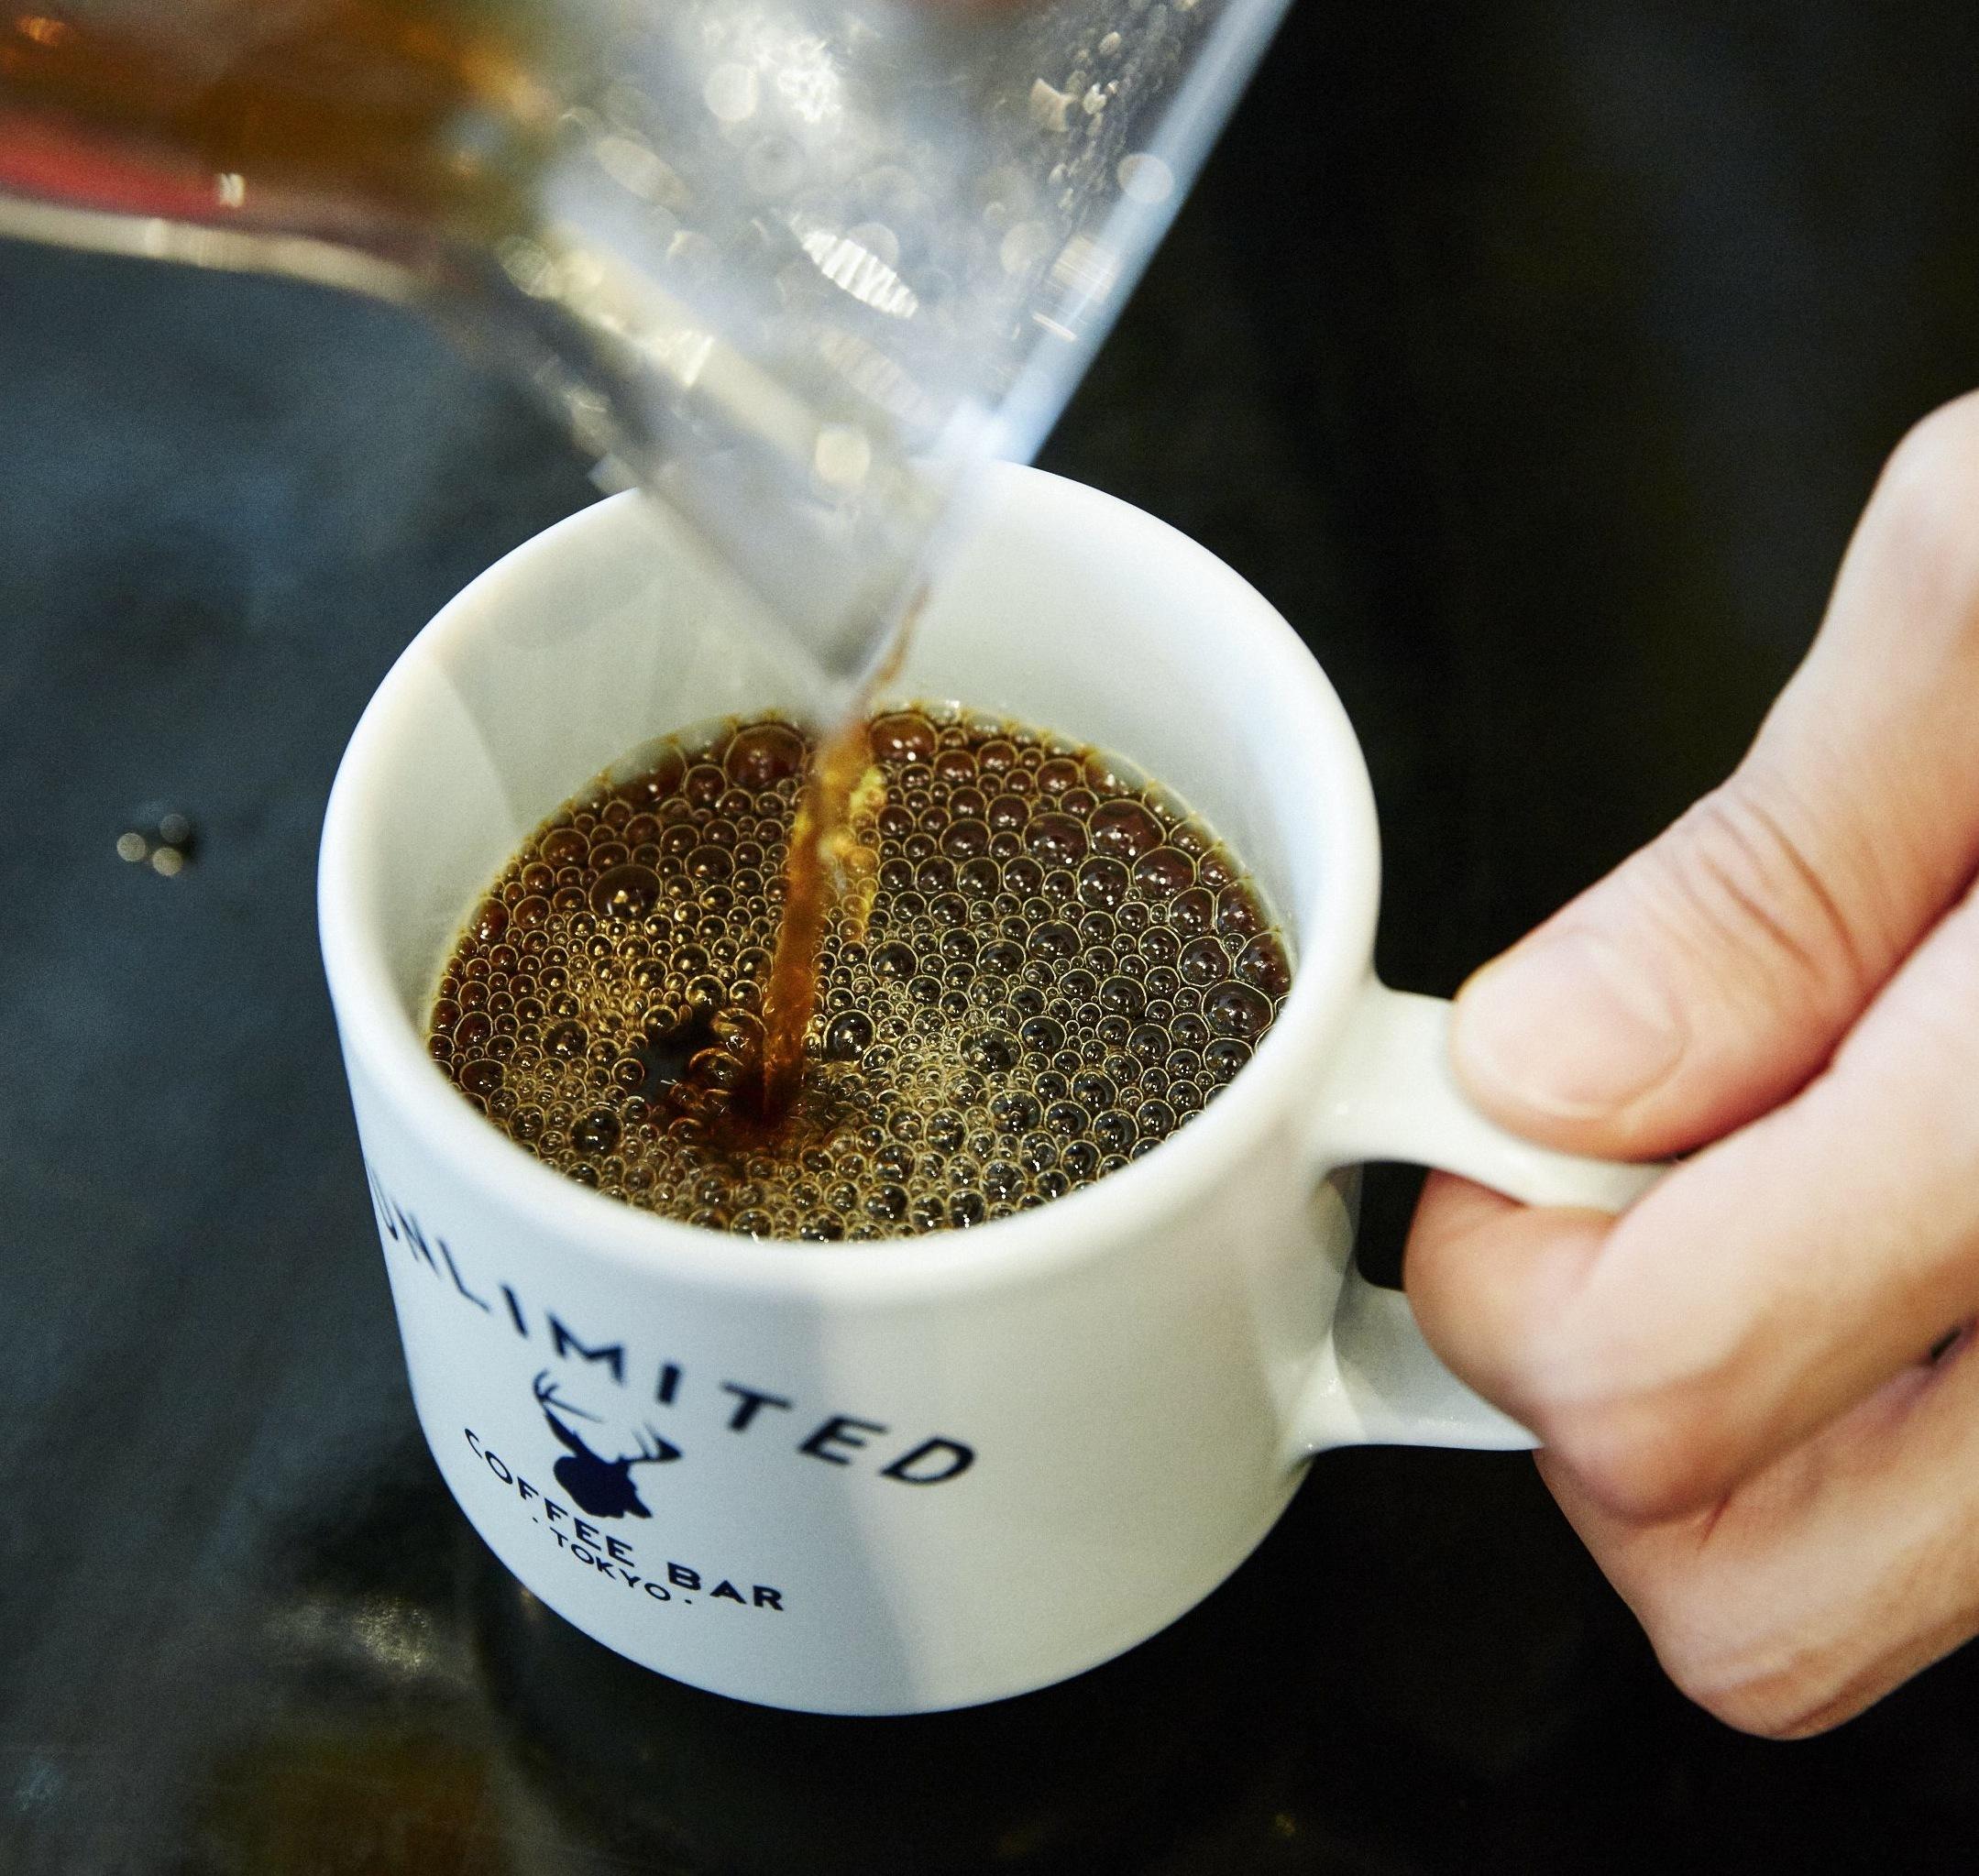 【コーヒーメーカー】がいつの間にかめちゃくちゃ進化してる件。